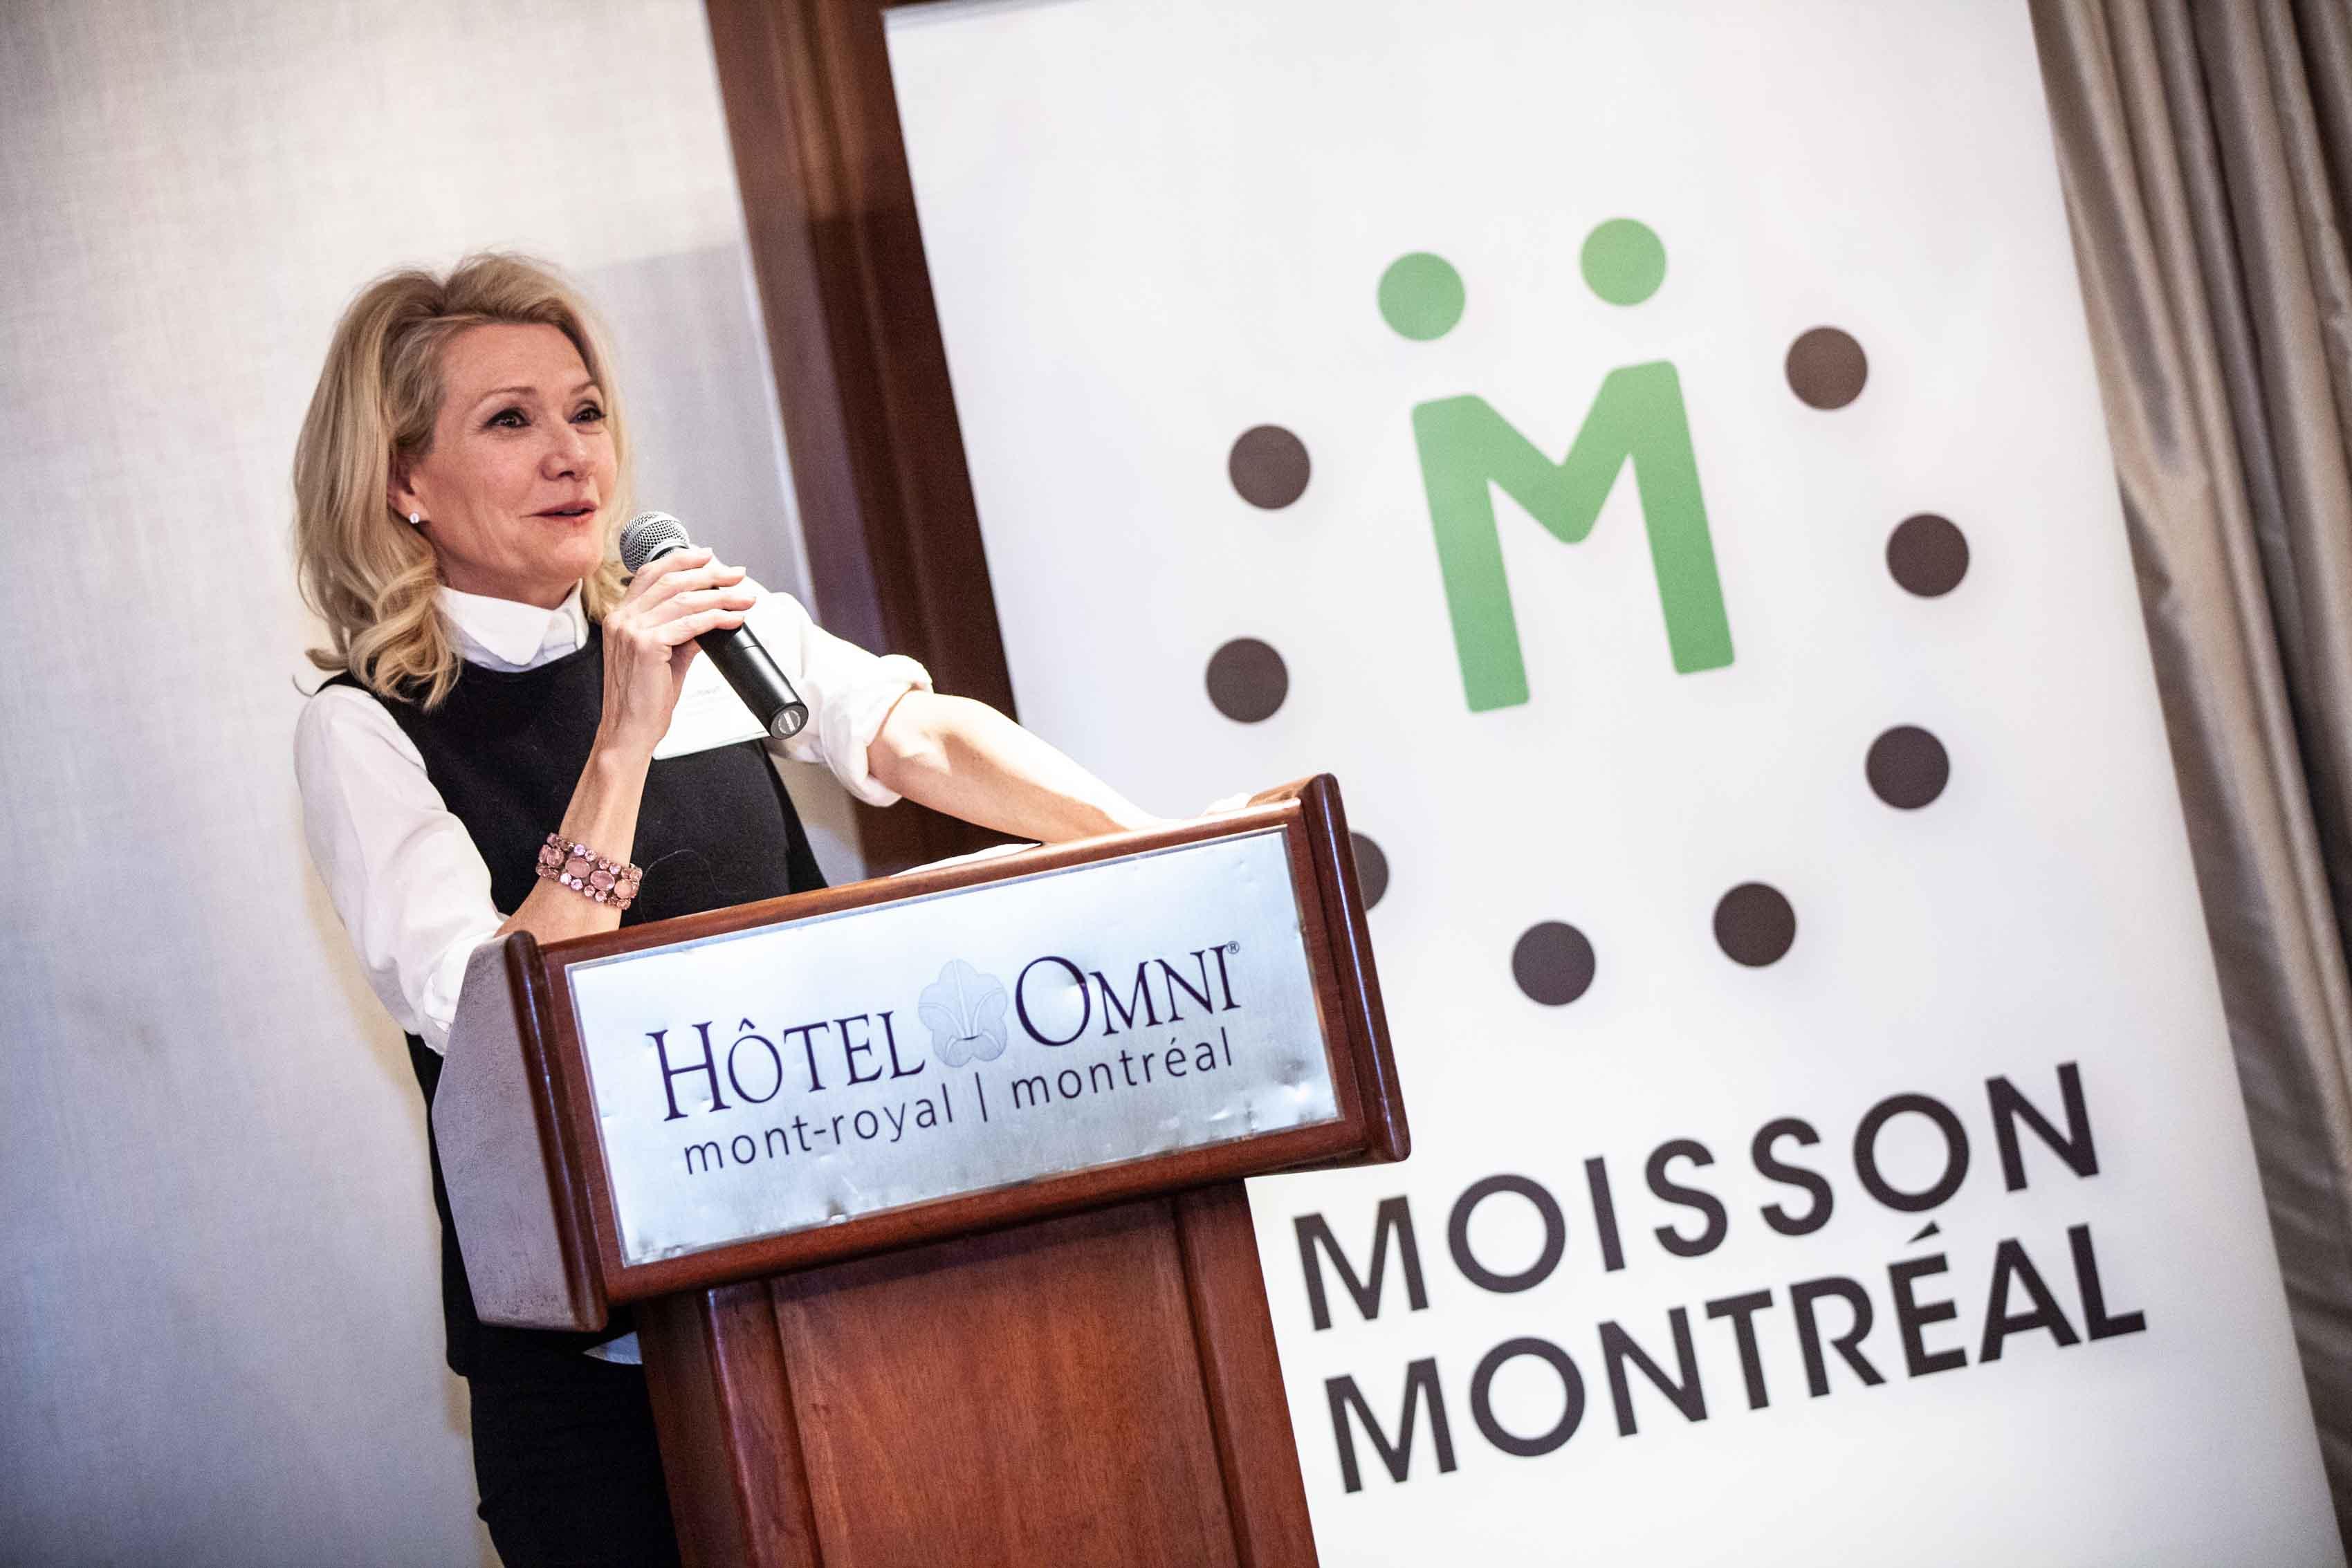 Soirée Reconnaissance Moisson Montréal 2018